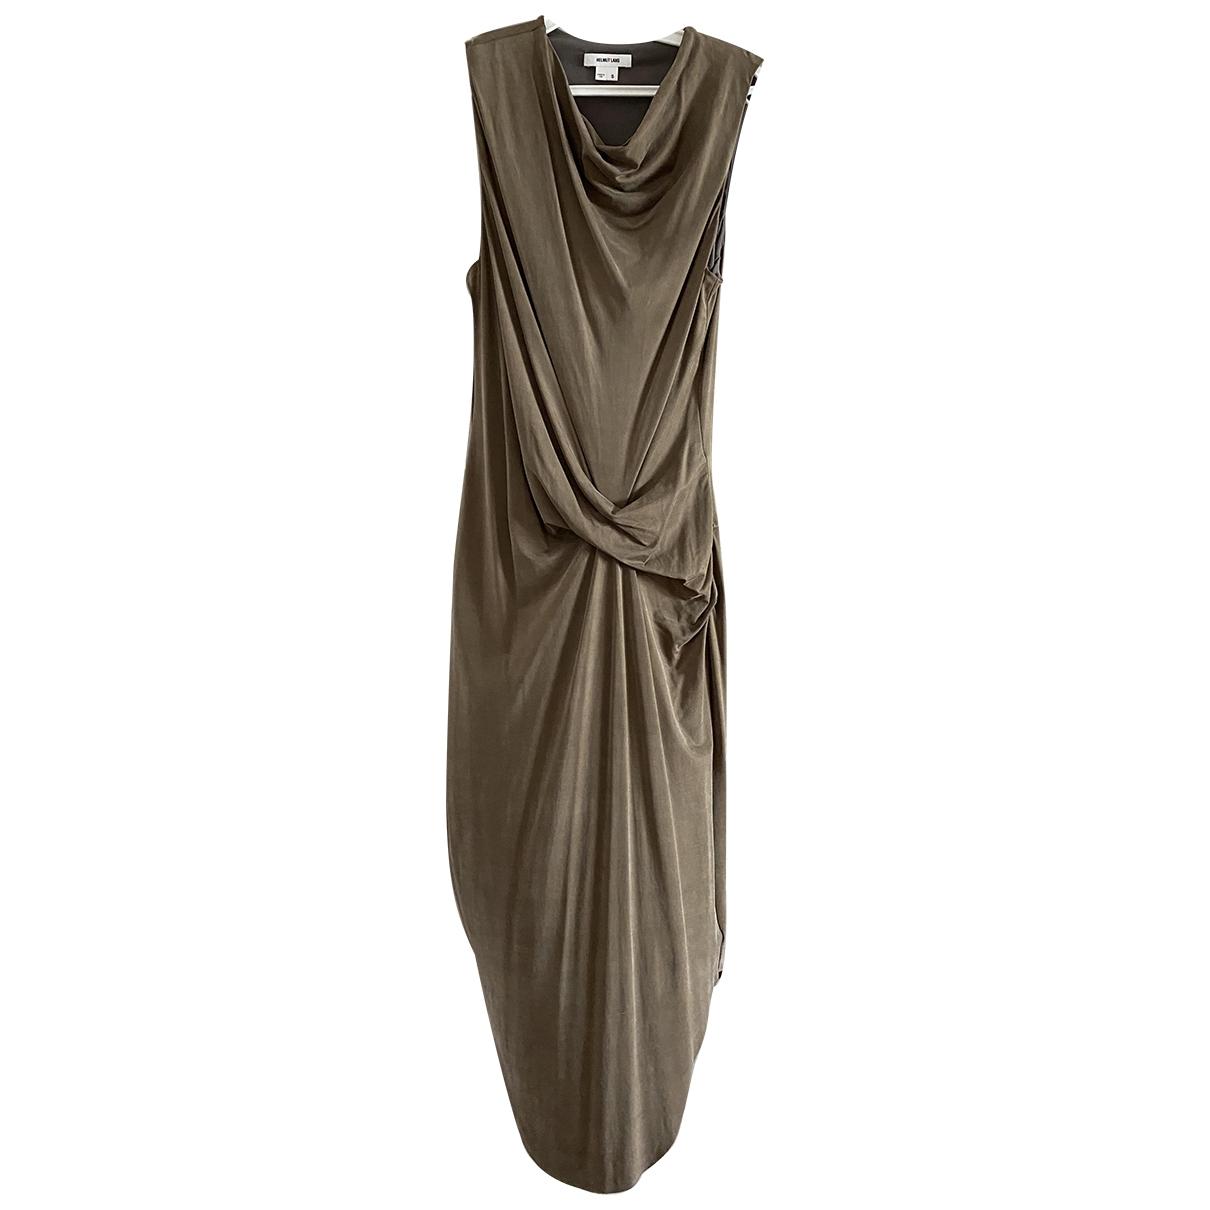 Helmut Lang \N Kleid in  Khaki Baumwolle - Elasthan